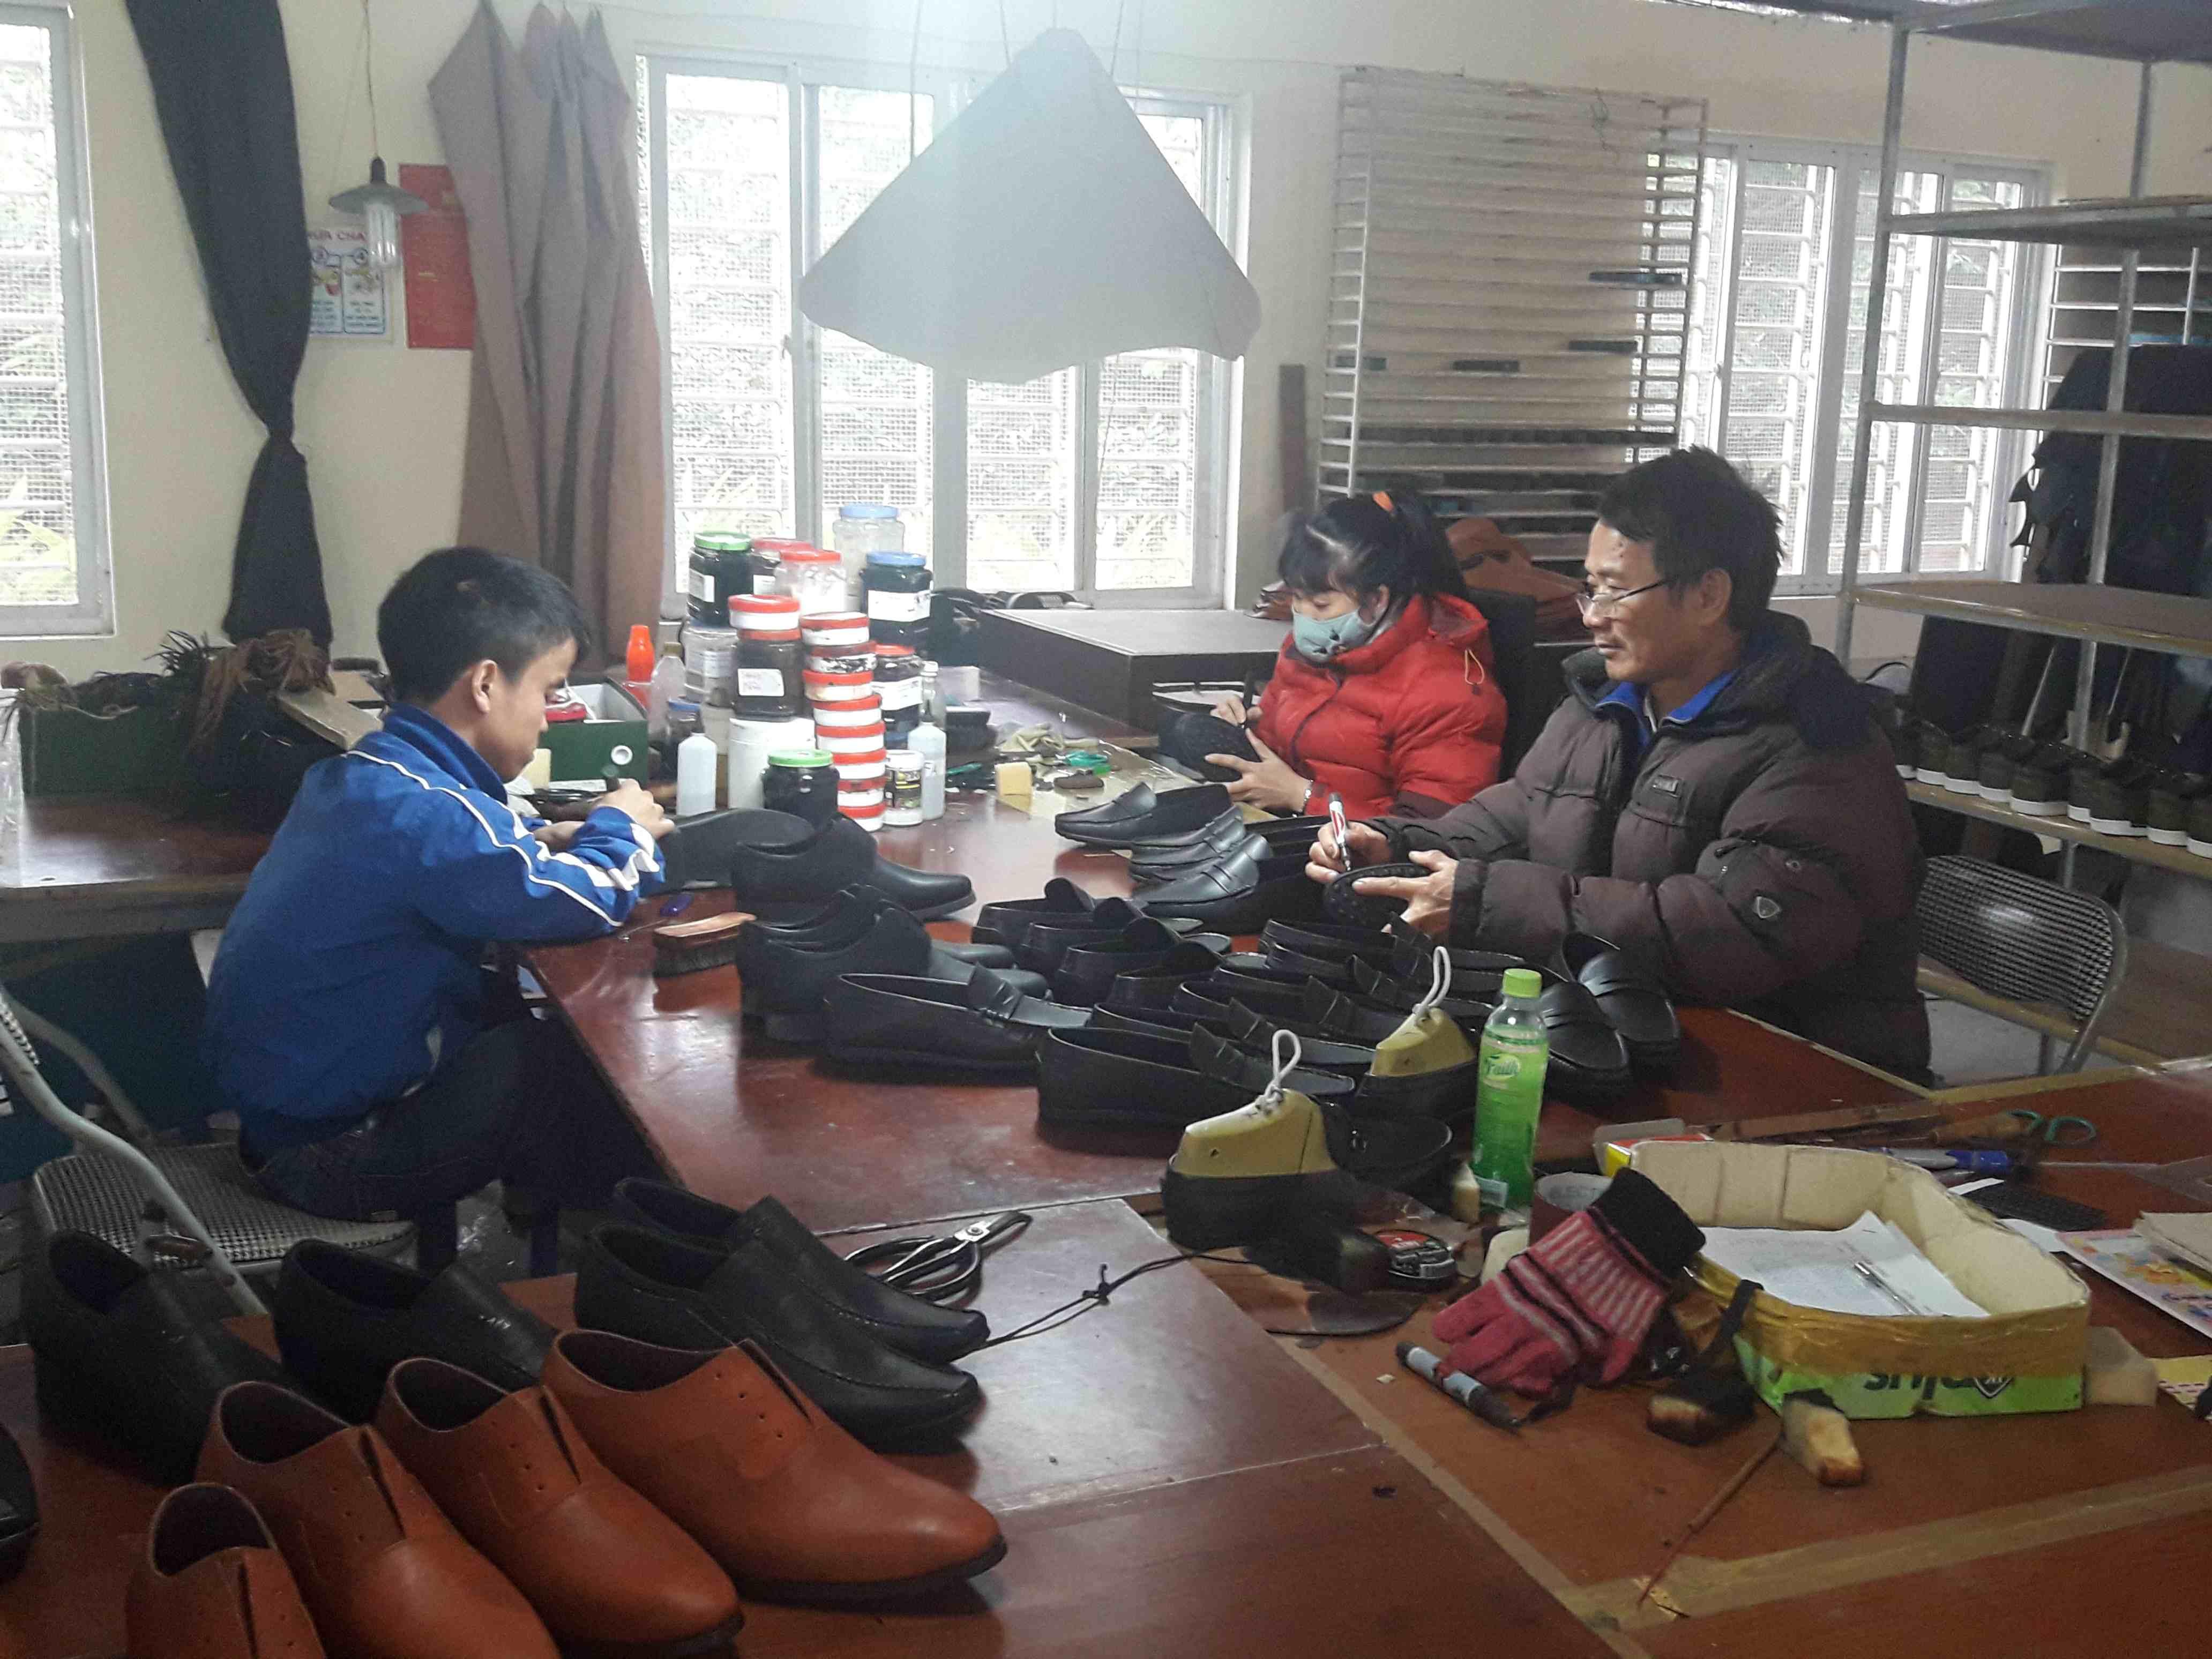 Giày da Phú Yên (Hà Nội) nỗ lực bắt nhịp thị trường